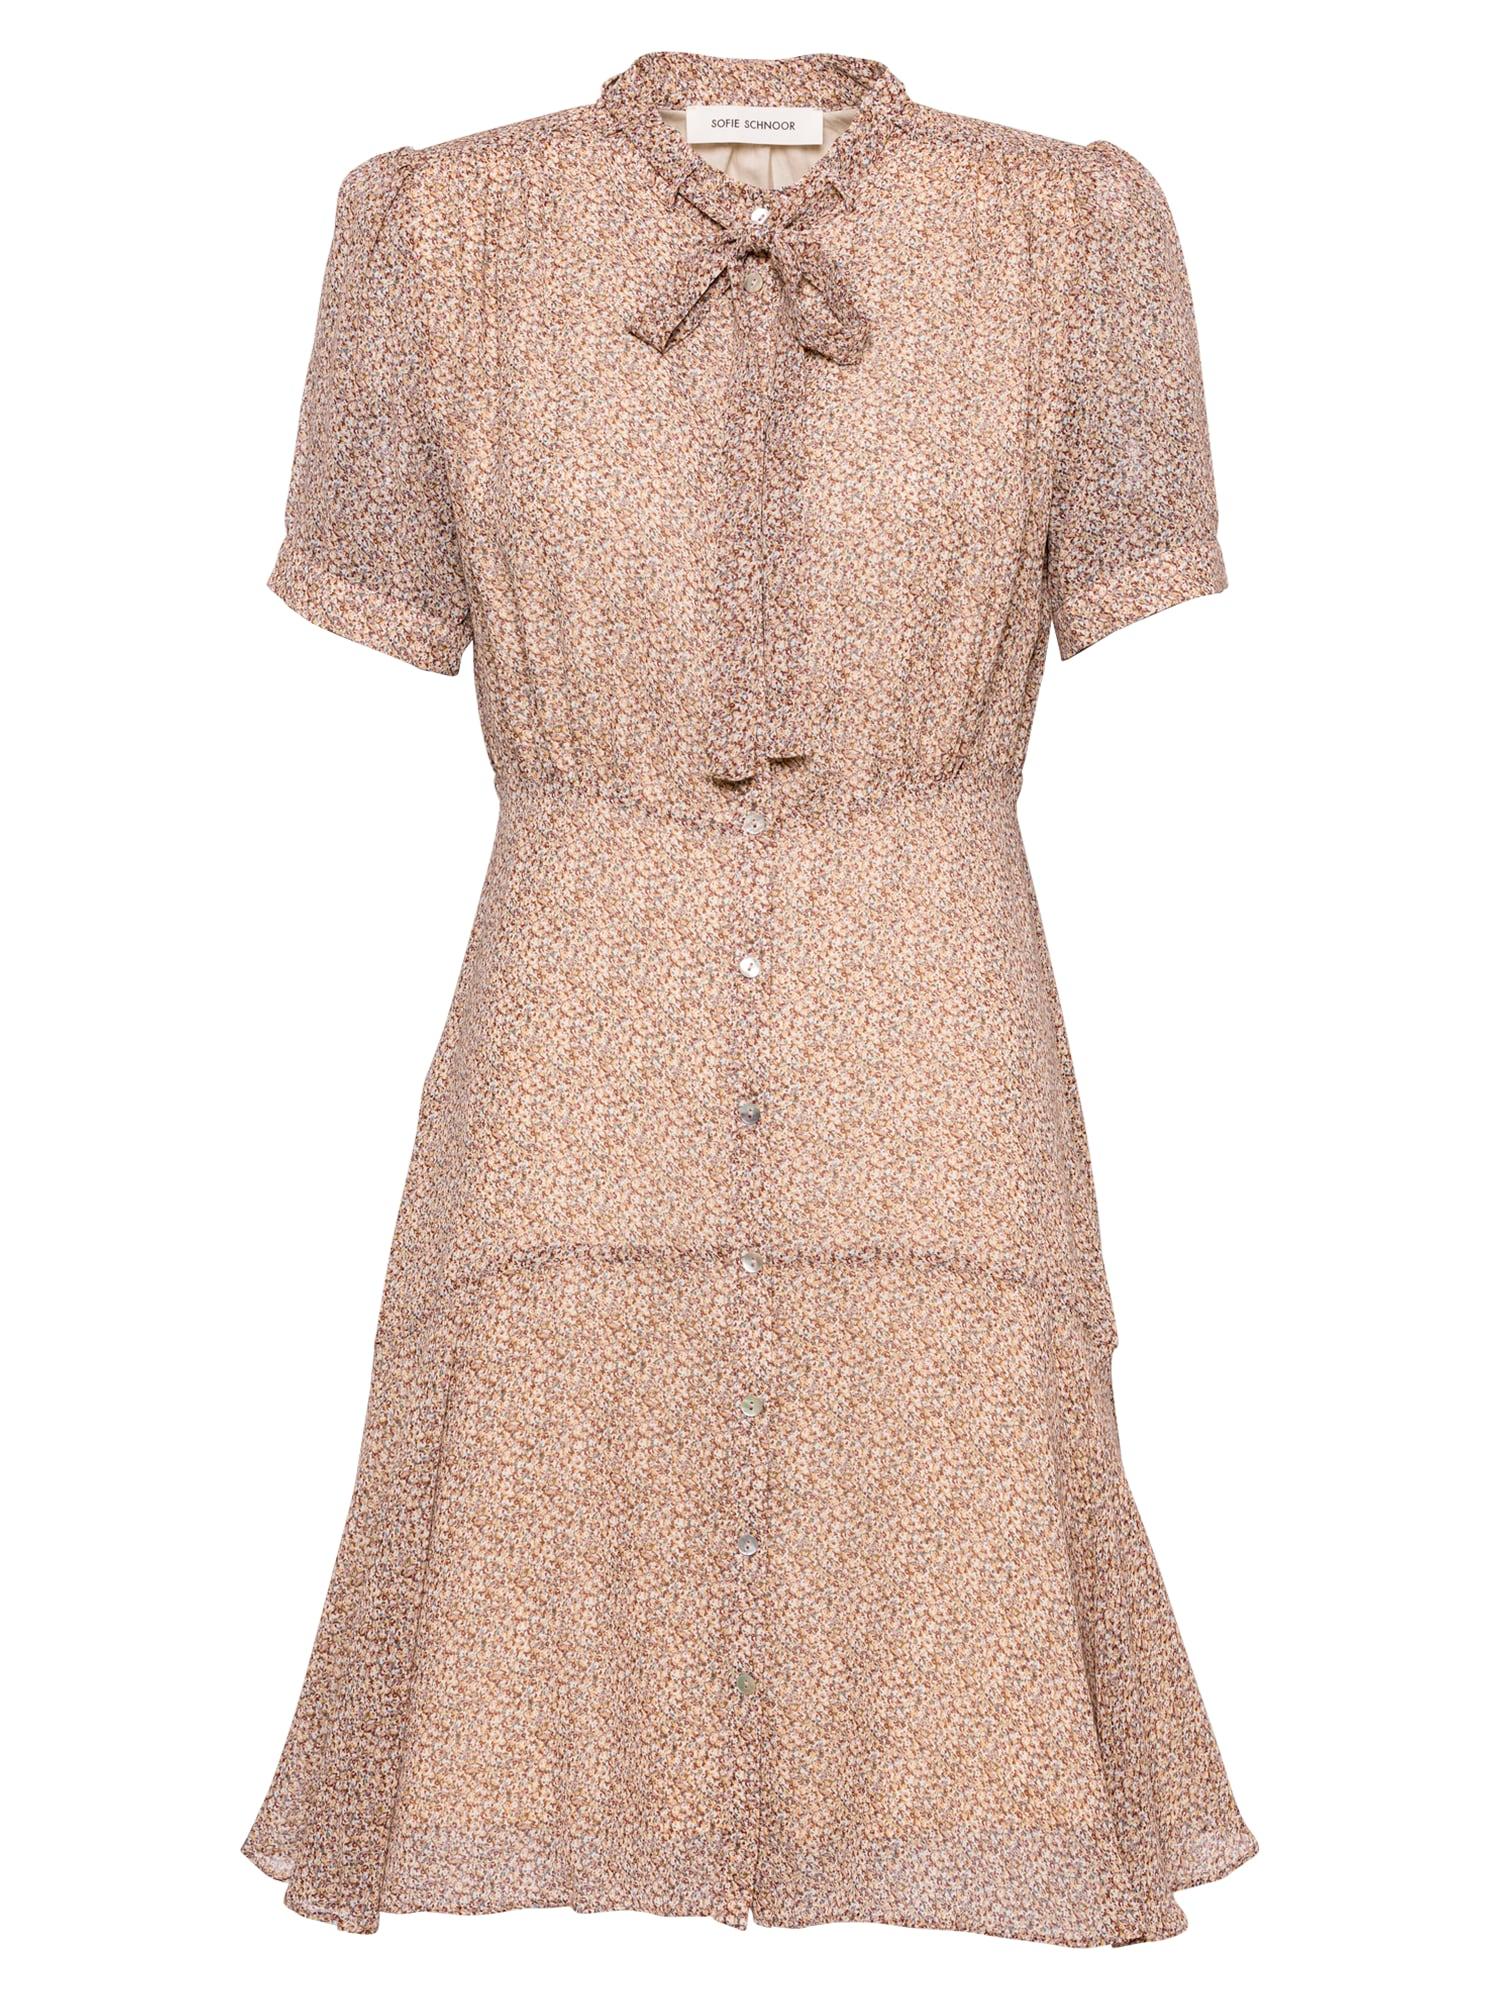 Sofie Schnoor Palaidinės tipo suknelė rožinė / mišrios spalvos